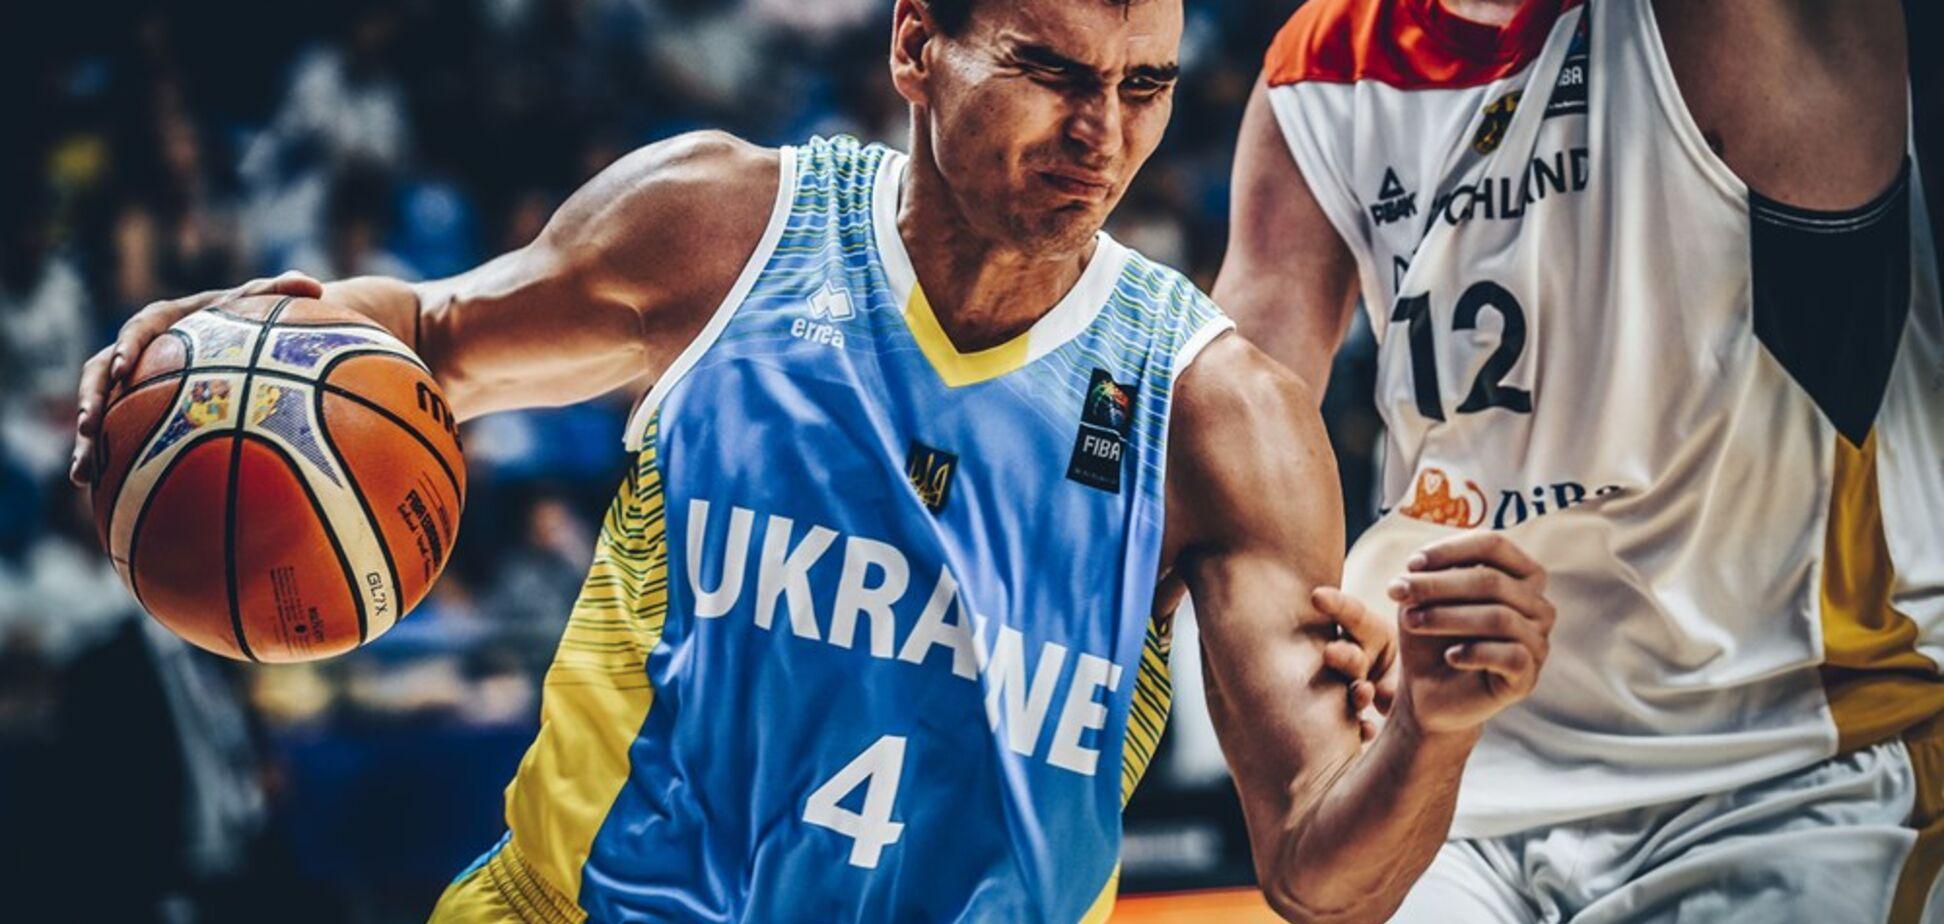 'Выводить из себя': экс-капитан сборной Украины объяснил старт Евробаскета-2017